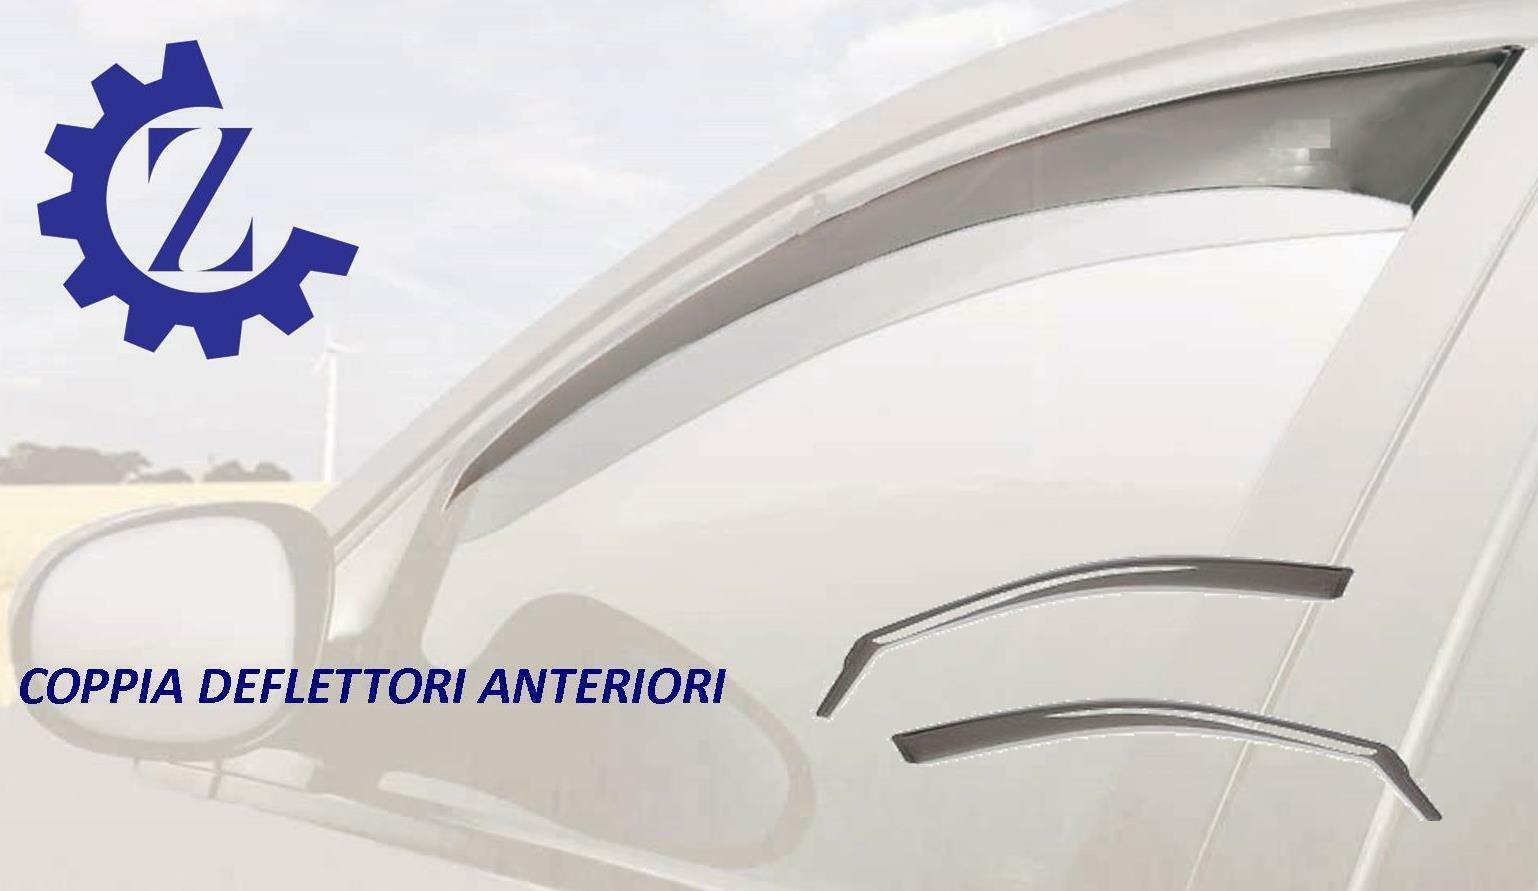 DEFLETTORI ARIA ANTITURBO PER OPEL CORSA B 5 PORTE 93 00